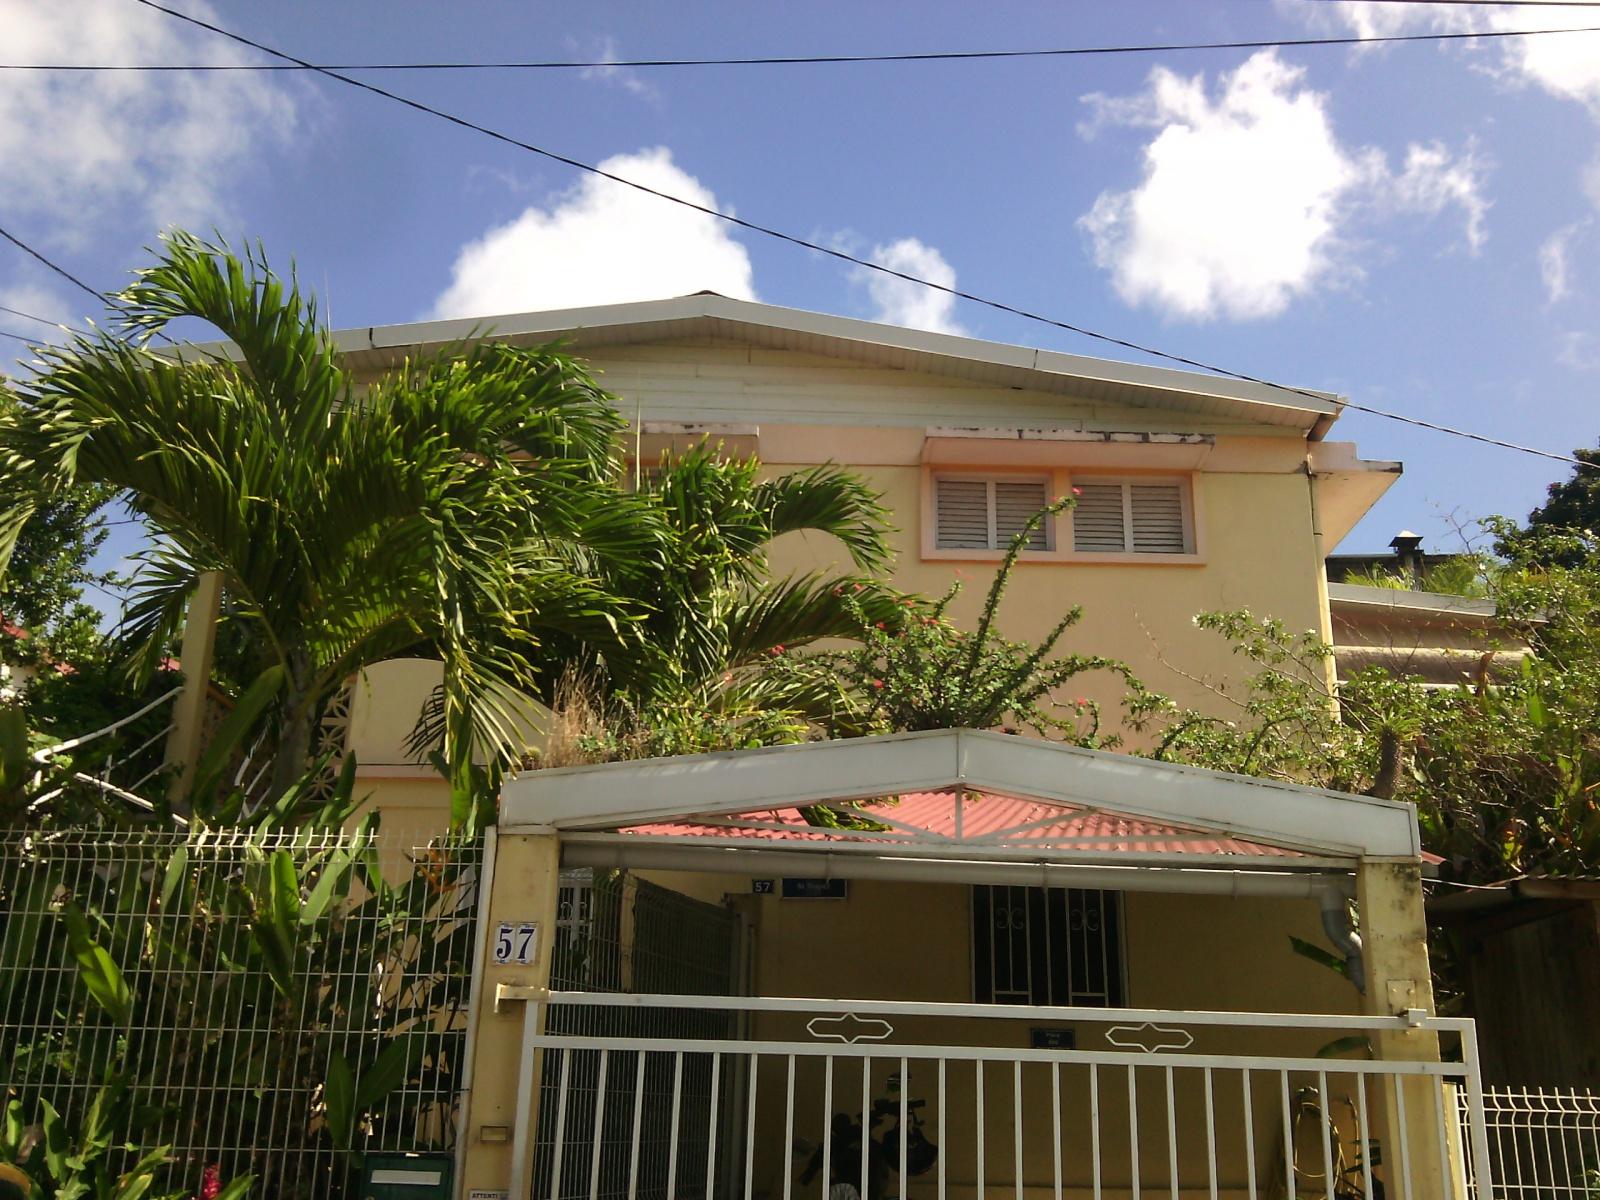 Acheter une maison dans les caraibes avie home for Acheter une maison en guadeloupe